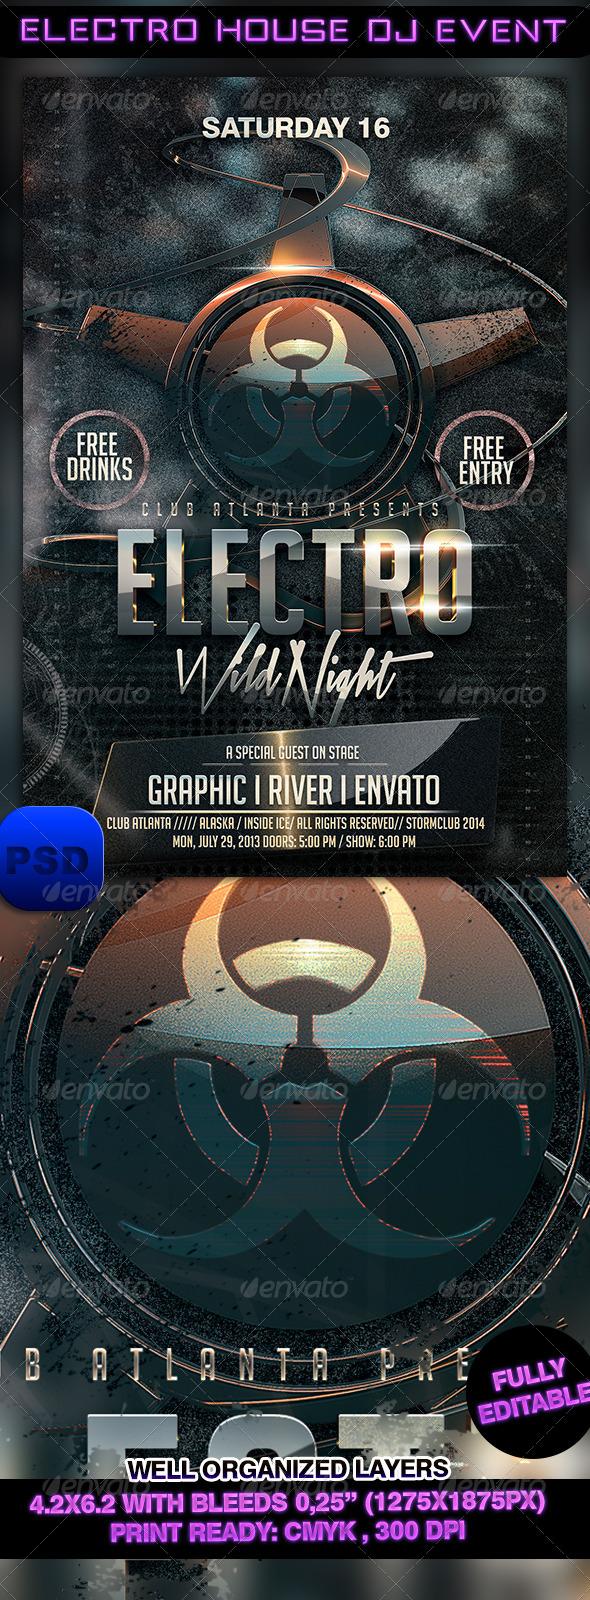 GraphicRiver Electro House DJ Event 7342142